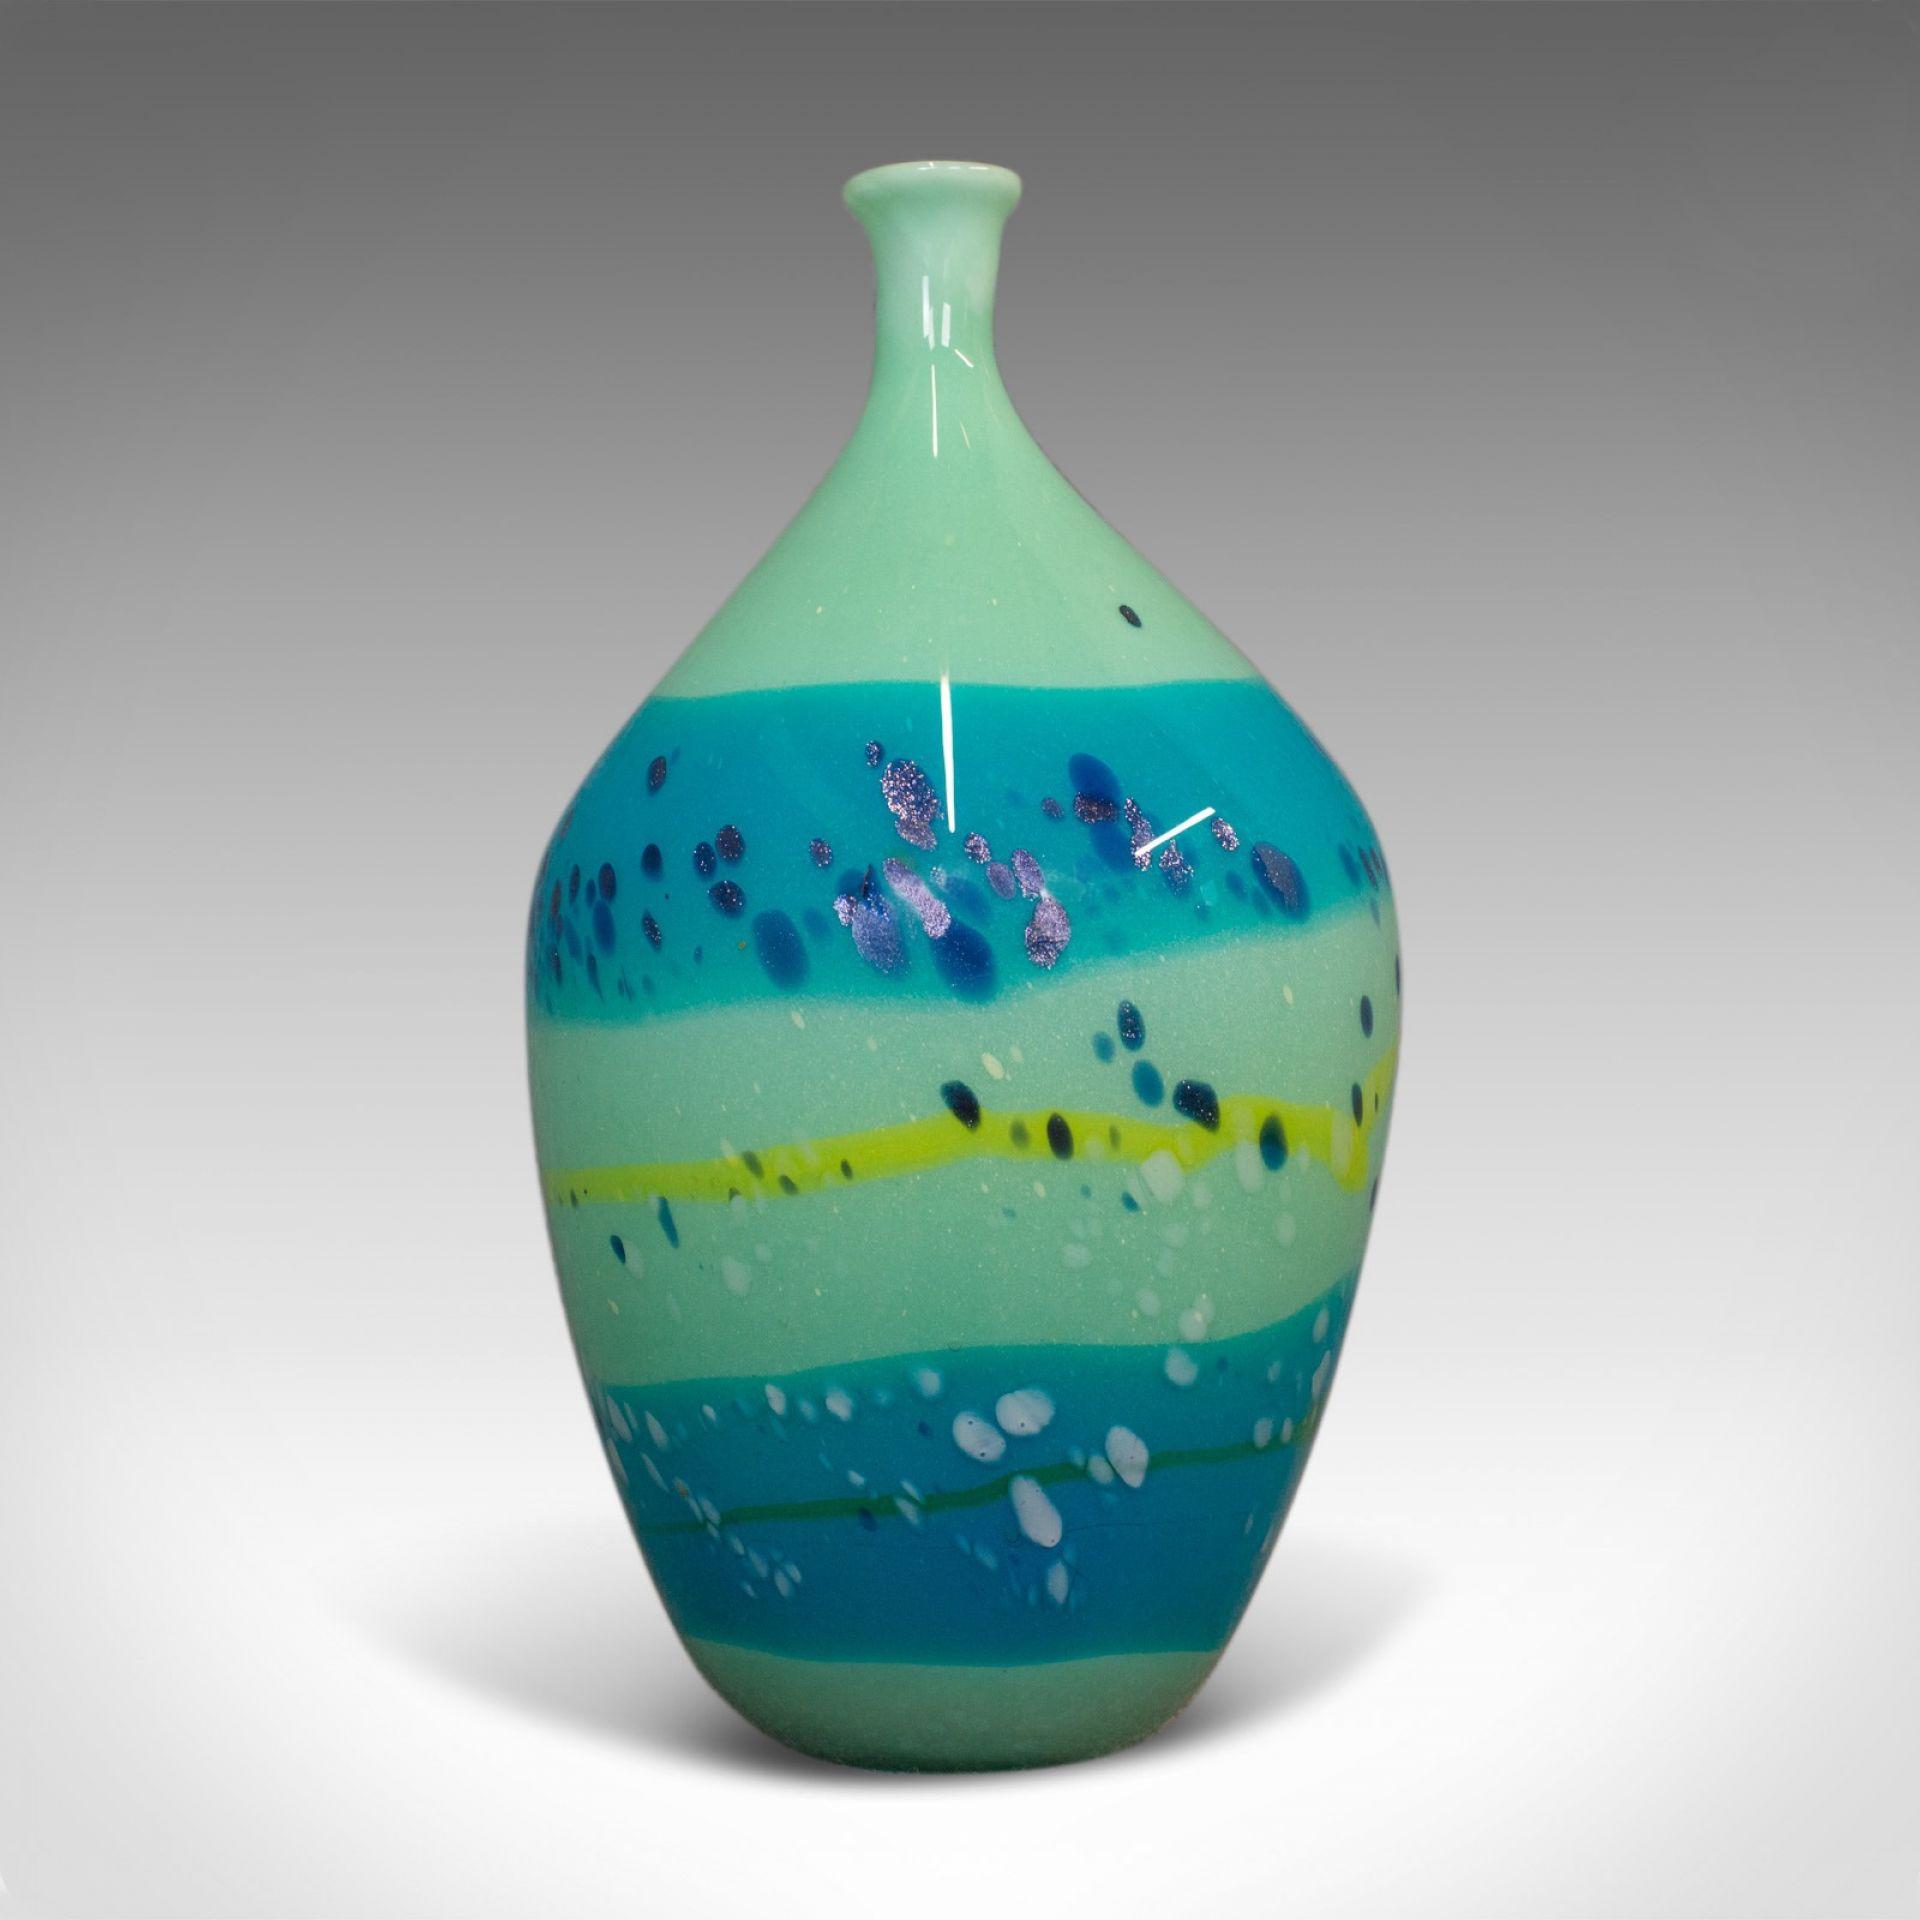 Decorative Stem Vase, English, Glass, Art Vase, Aquatic Overtones, C20th